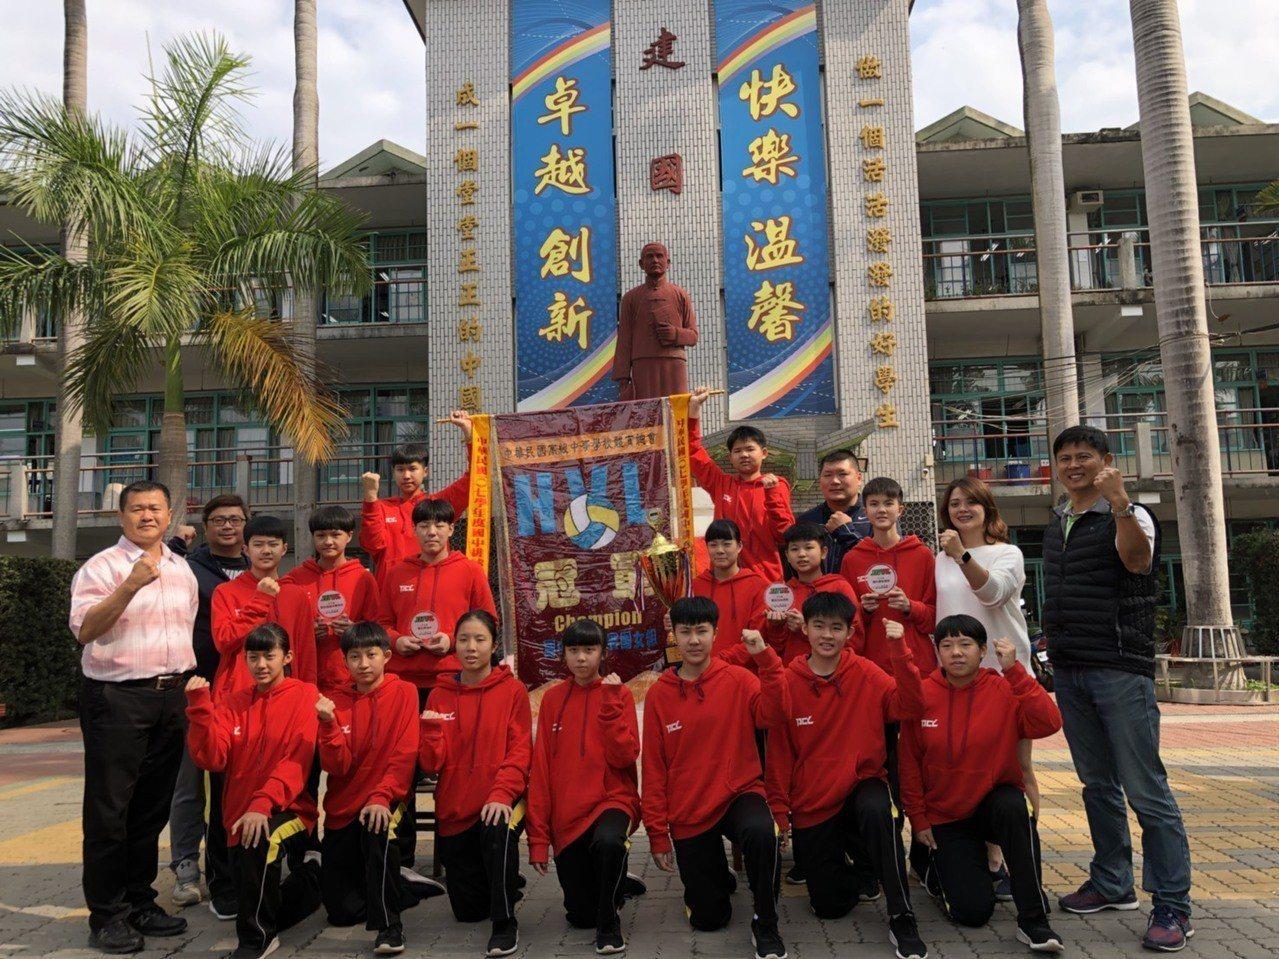 北港建國國中女排球隊苦盡甘來,終於拿下台灣最高榮譽的全國排球聯賽冠軍。記者蔡維斌...